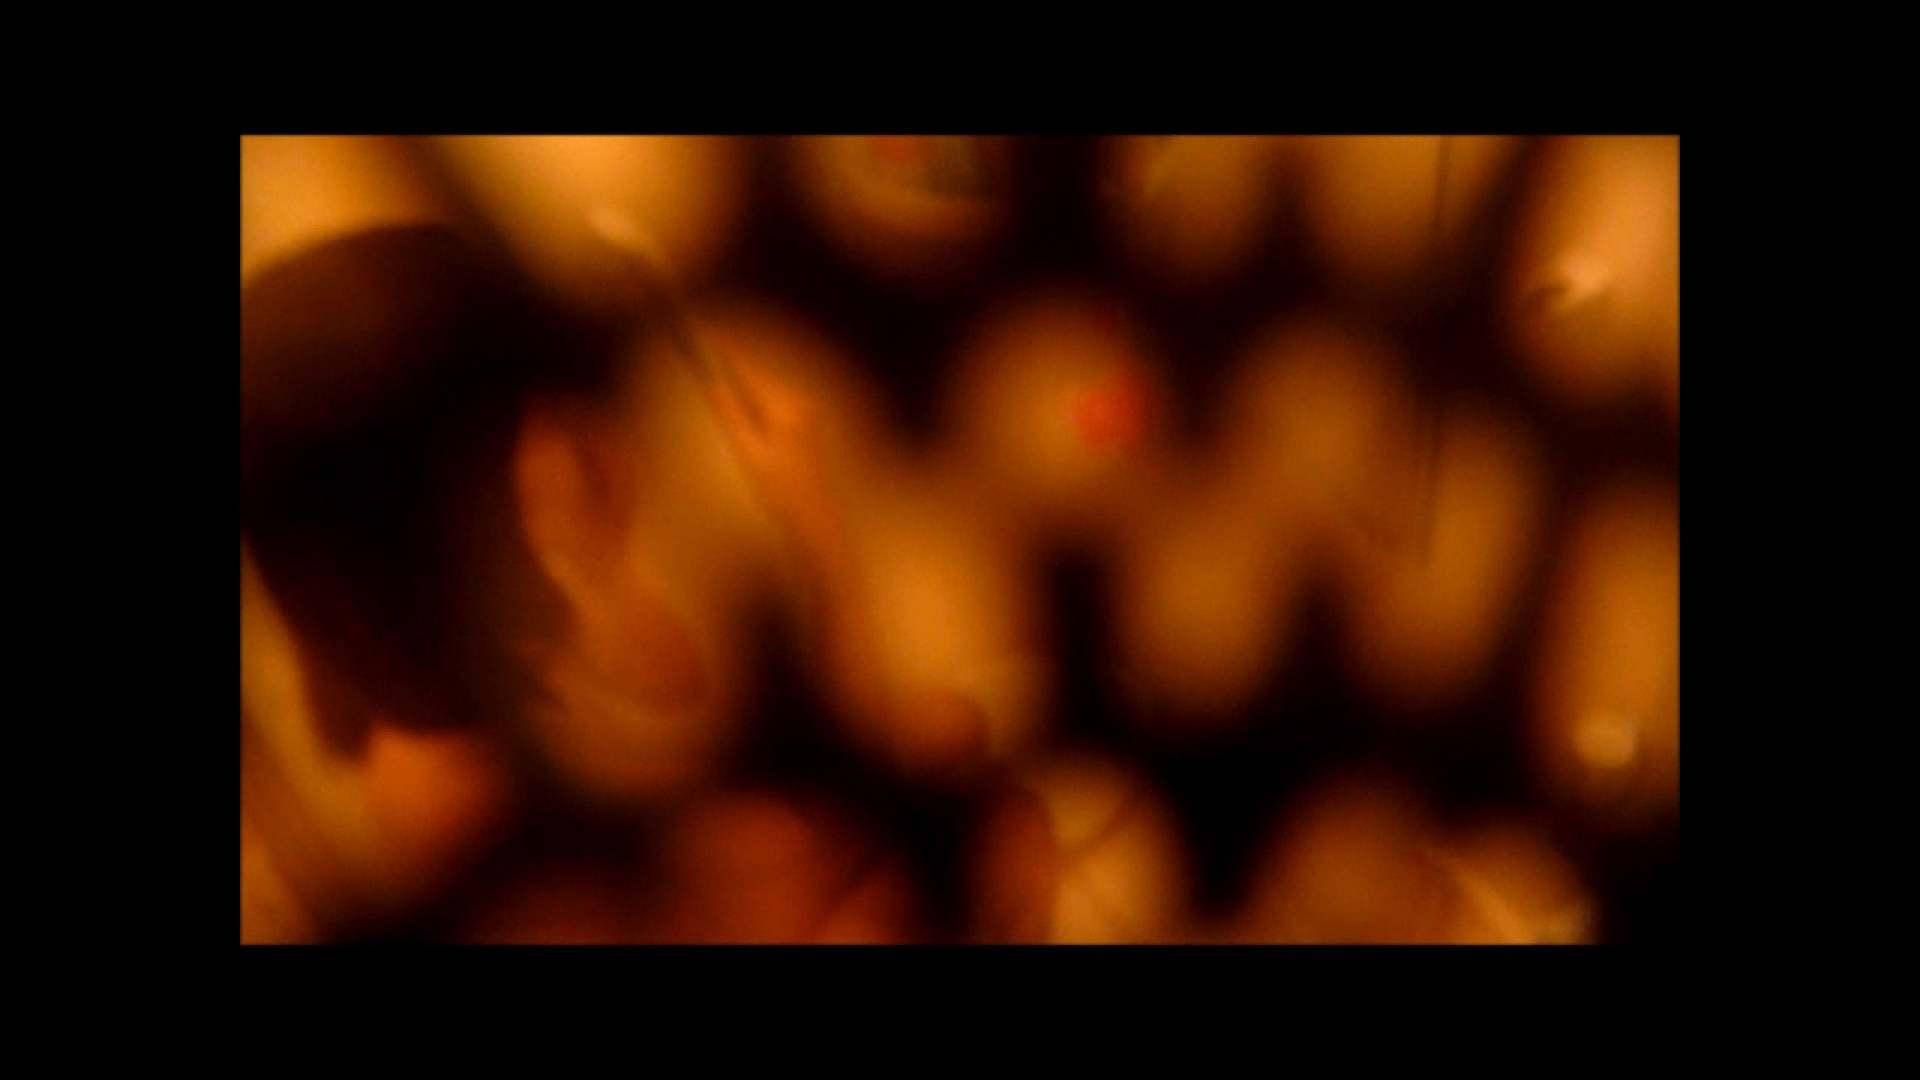 【02】ベランダに侵入して張り込みを始めて・・・やっと結果が出ました。 マンコ特集 | オマンコ丸見え  25連発 19